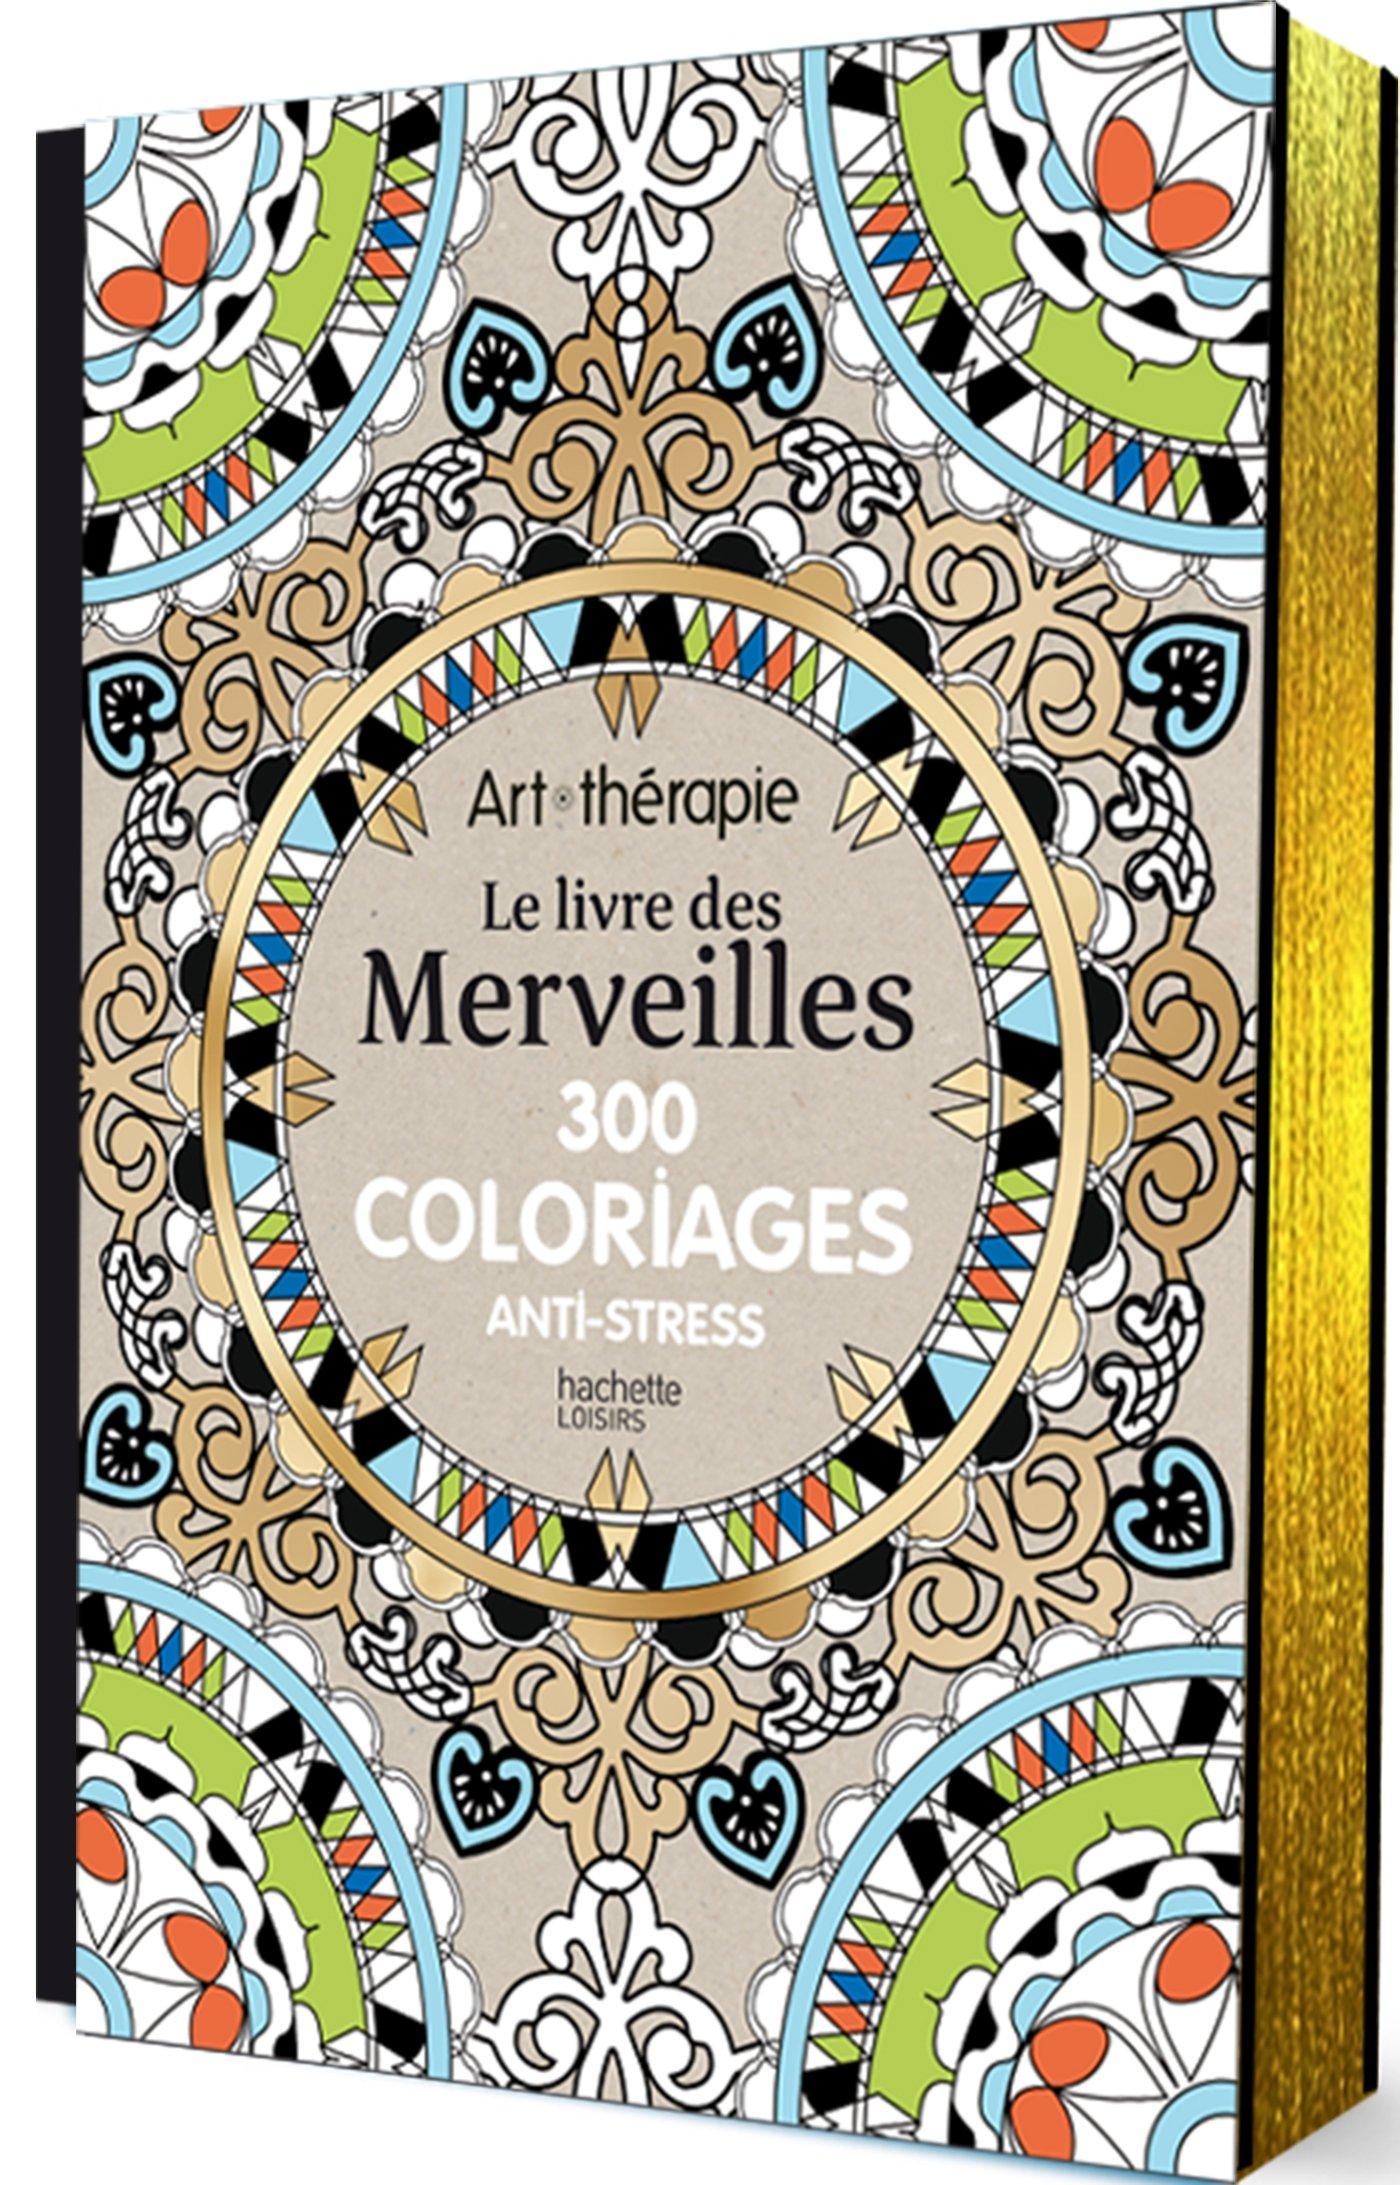 art therapie le livre des merveilles 300 coloriages anti stress french edition collectif hachette 9782013968805 amazoncom books - Coloriage Anti Stress Hachette